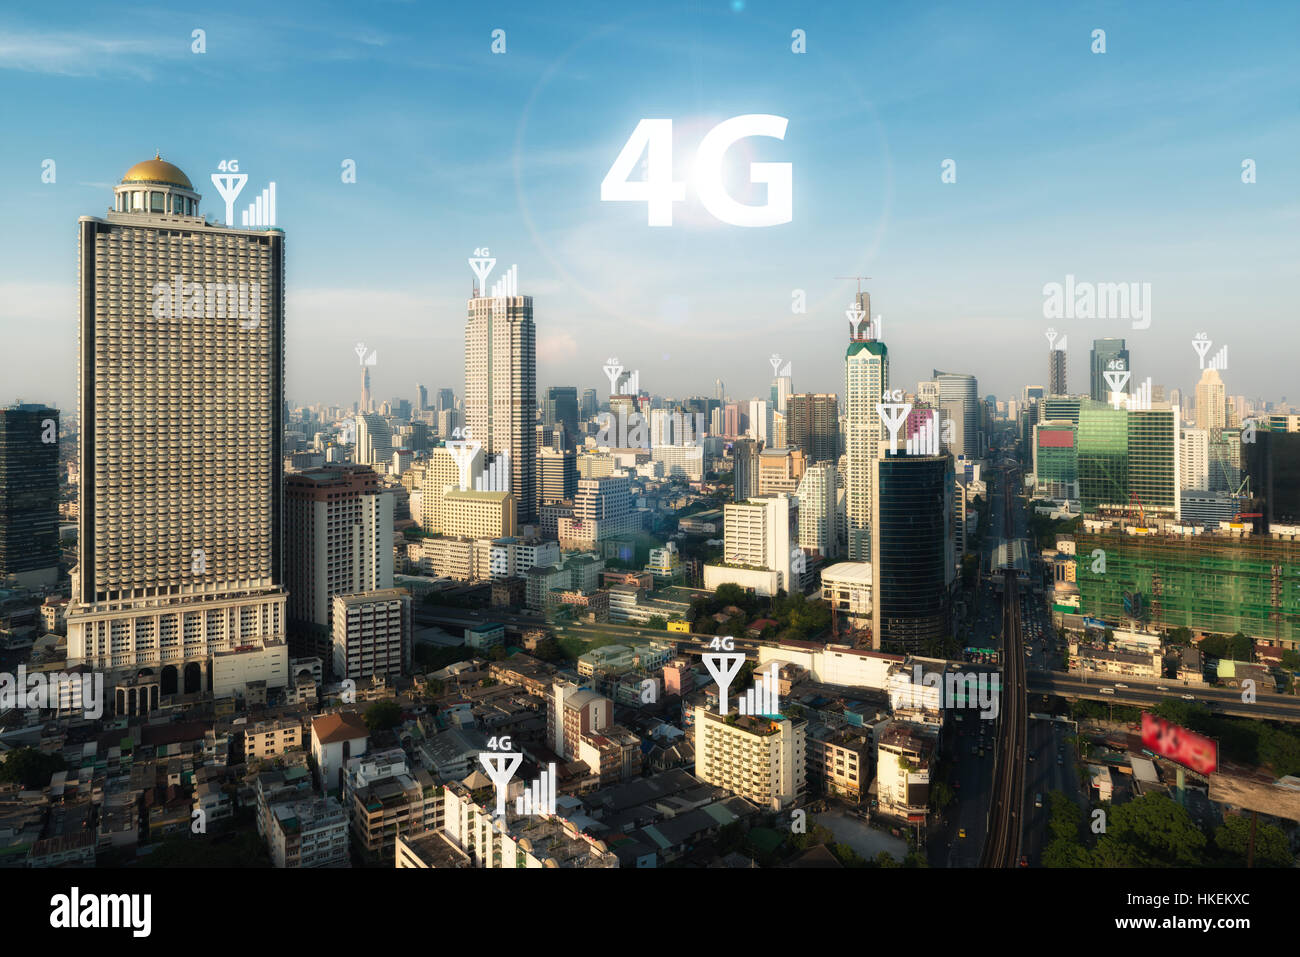 Smart City y 4G de la red de comunicación de señal, el distrito de negocios con el edificio de oficinas, imagen Foto de stock